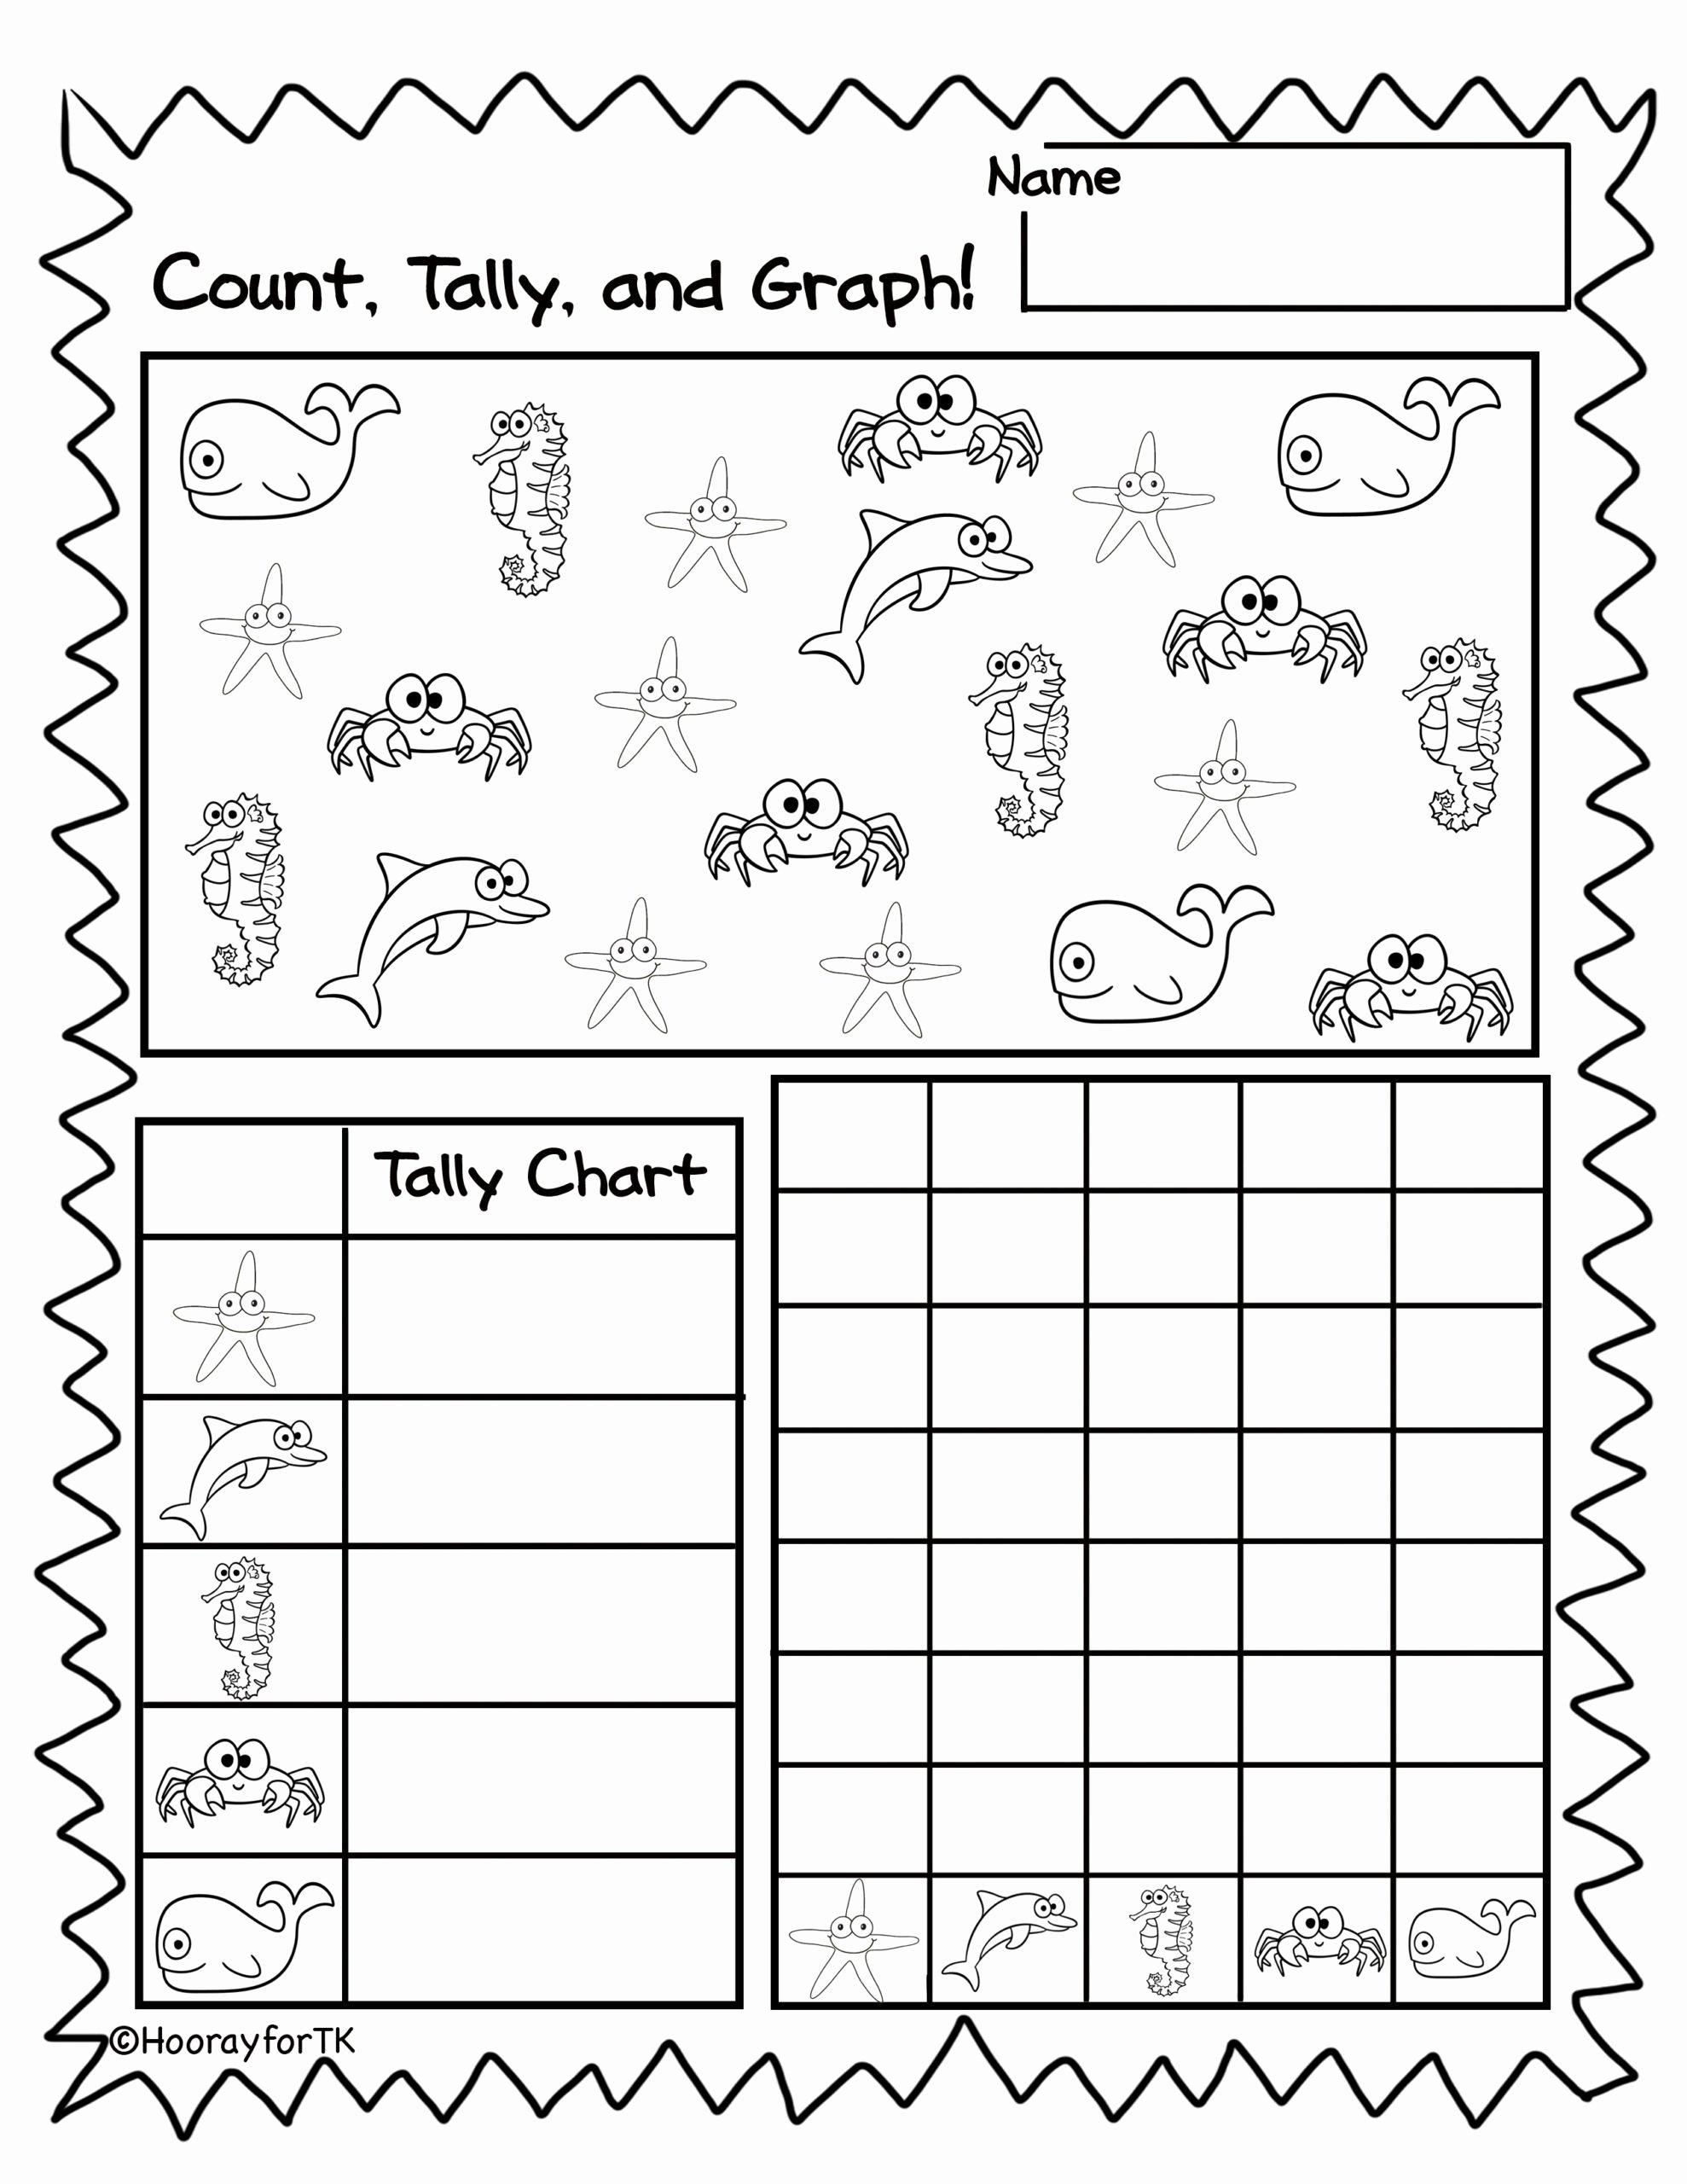 Creative Worksheets for Preschoolers Printable Worksheet Creative Writing for Kindergarten Worksheets